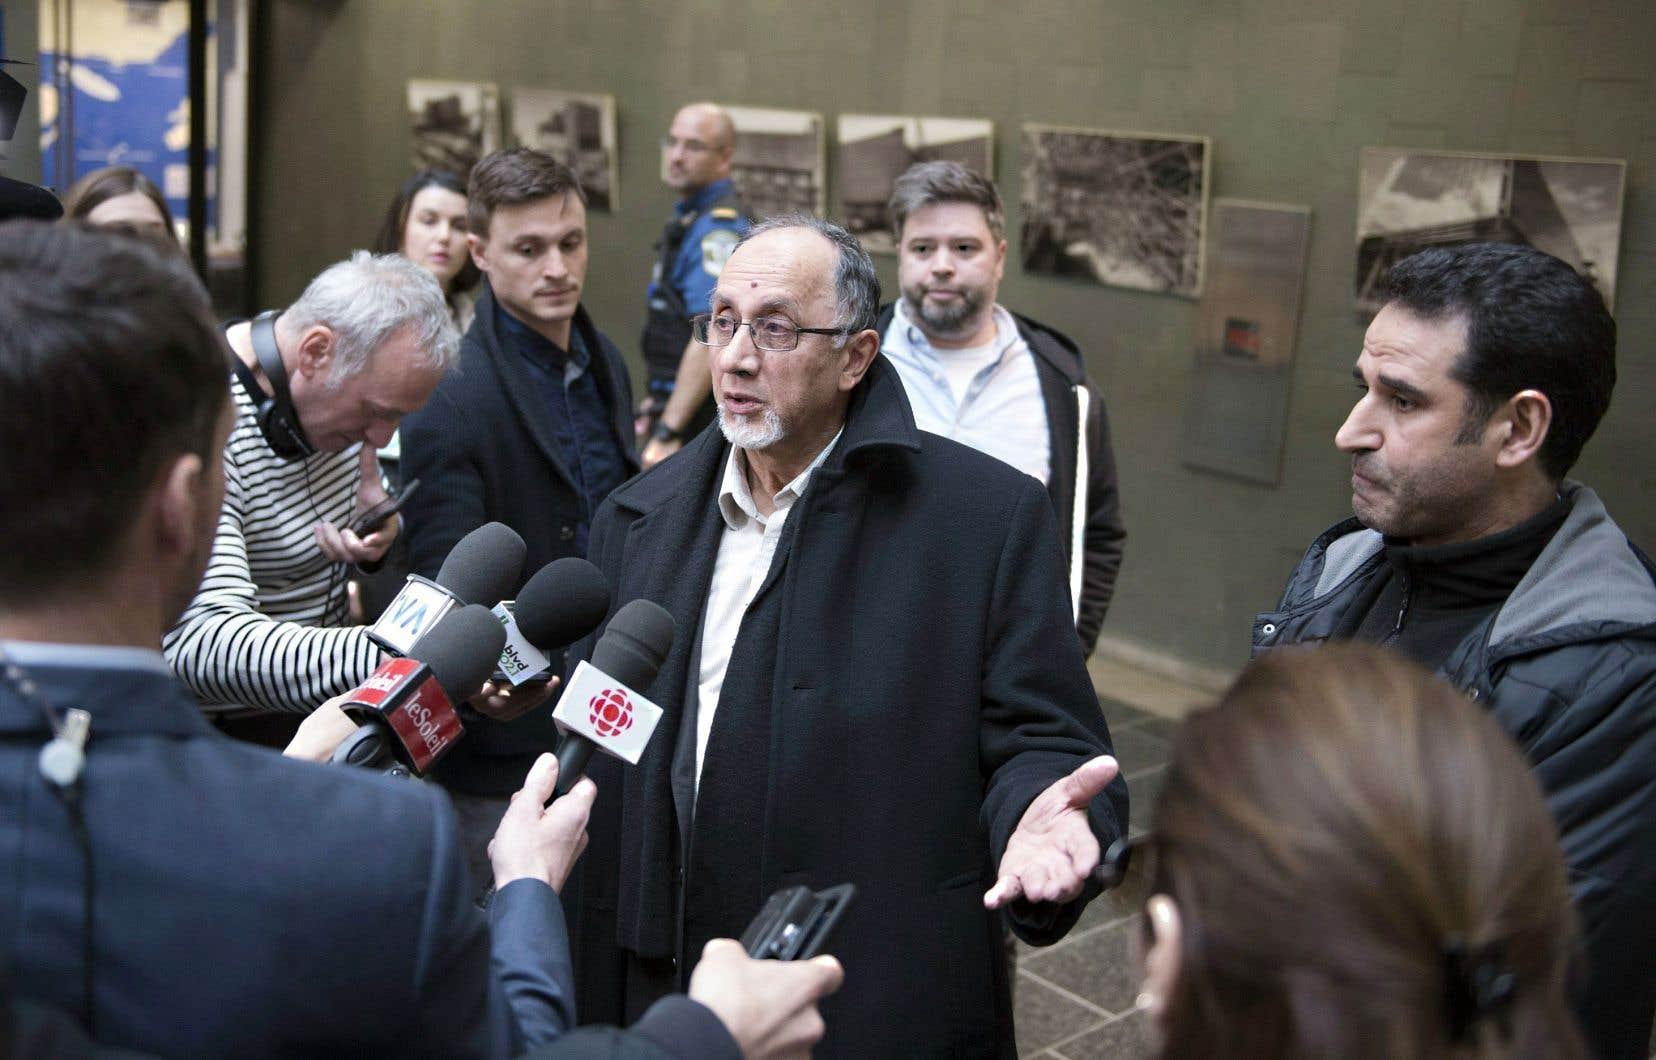 Le porte-parole du Centre culturel islamique de Québec, Boufeldja Benabdallah, s'adressant à la presse dans la foulée du procès d'Alexandre Bissonnette, le 11avril.